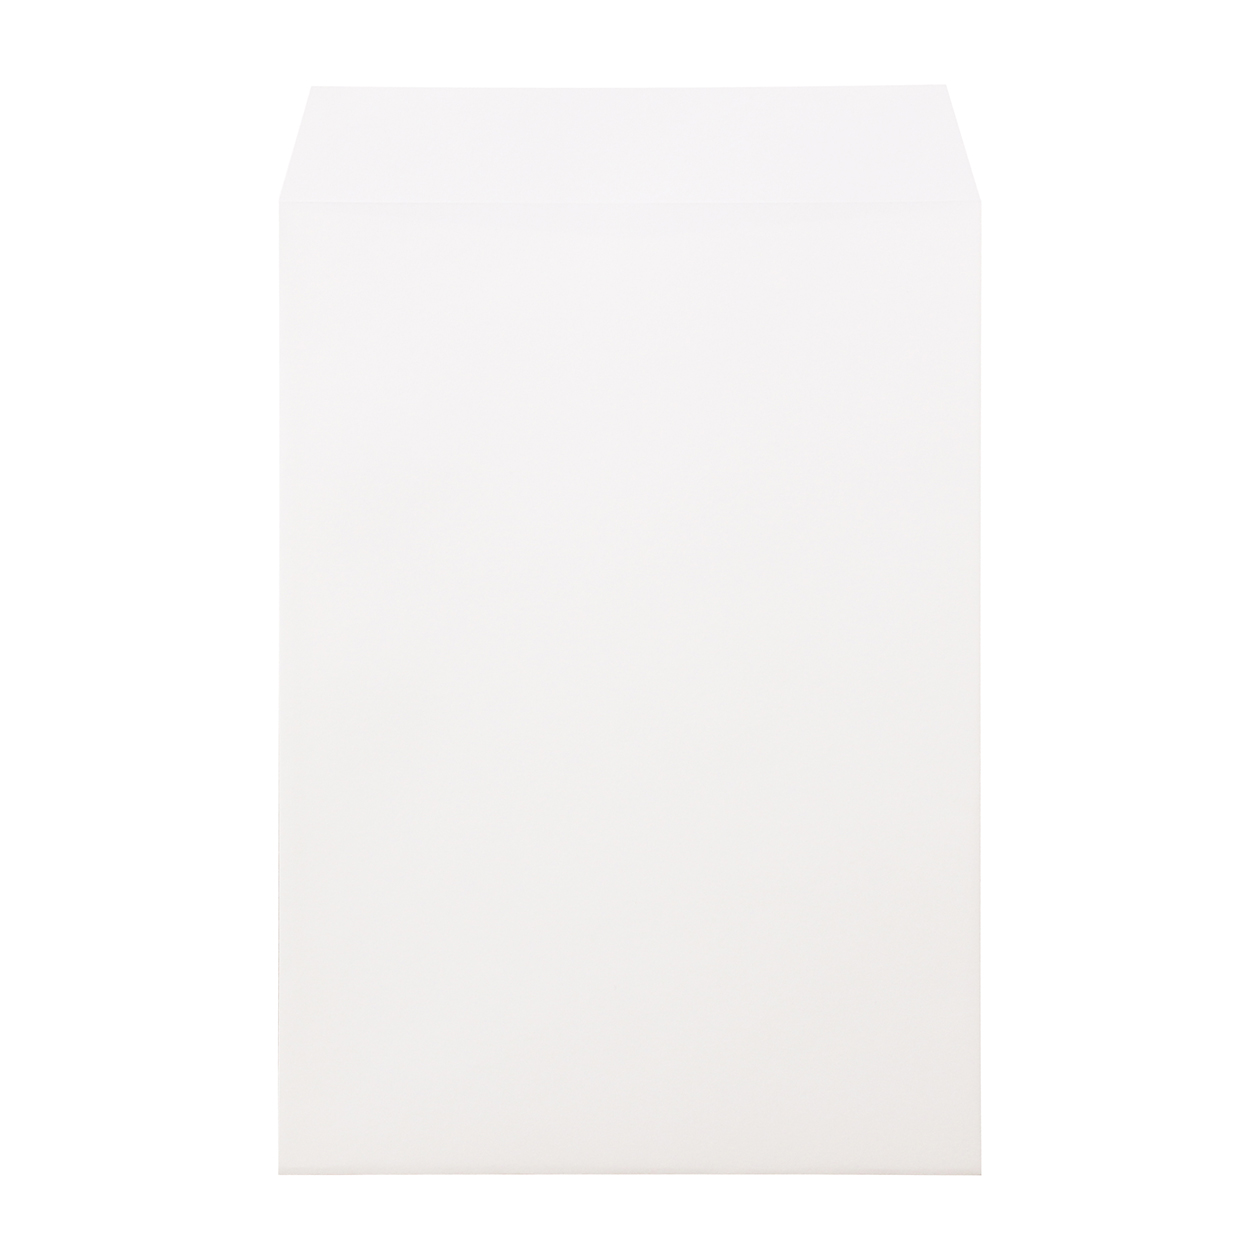 角2封筒 コットン スノーホワイト 139.5g